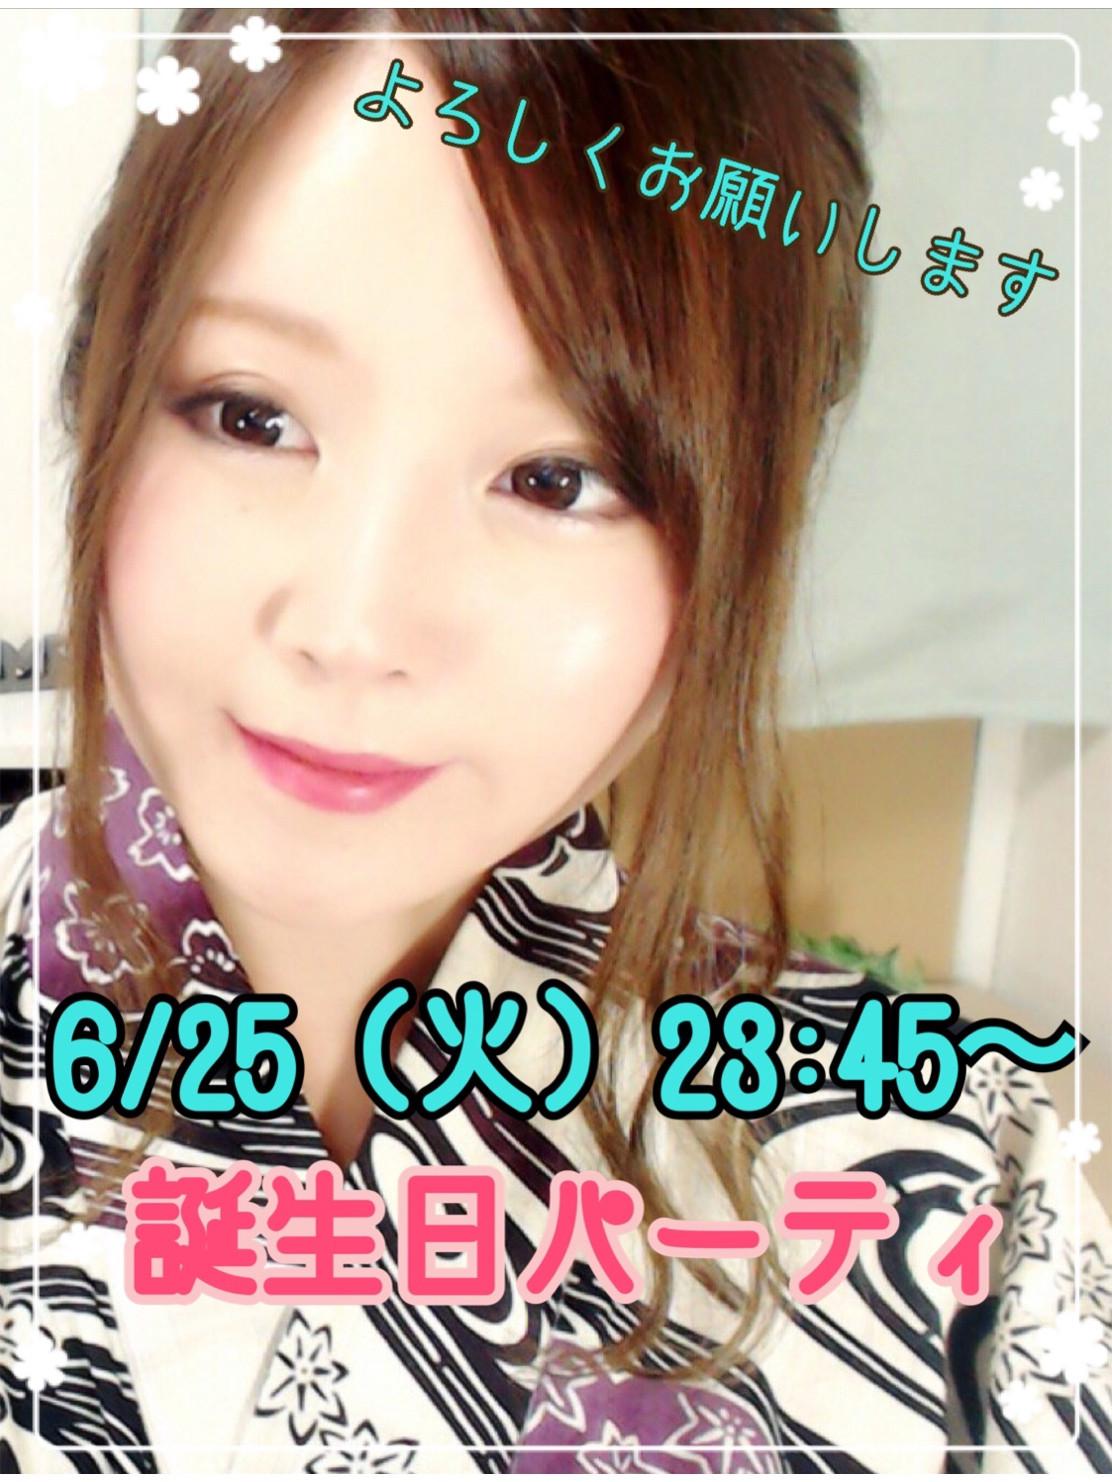 【祝】6/25(火)さゆちゃん誕生日パーチャ!